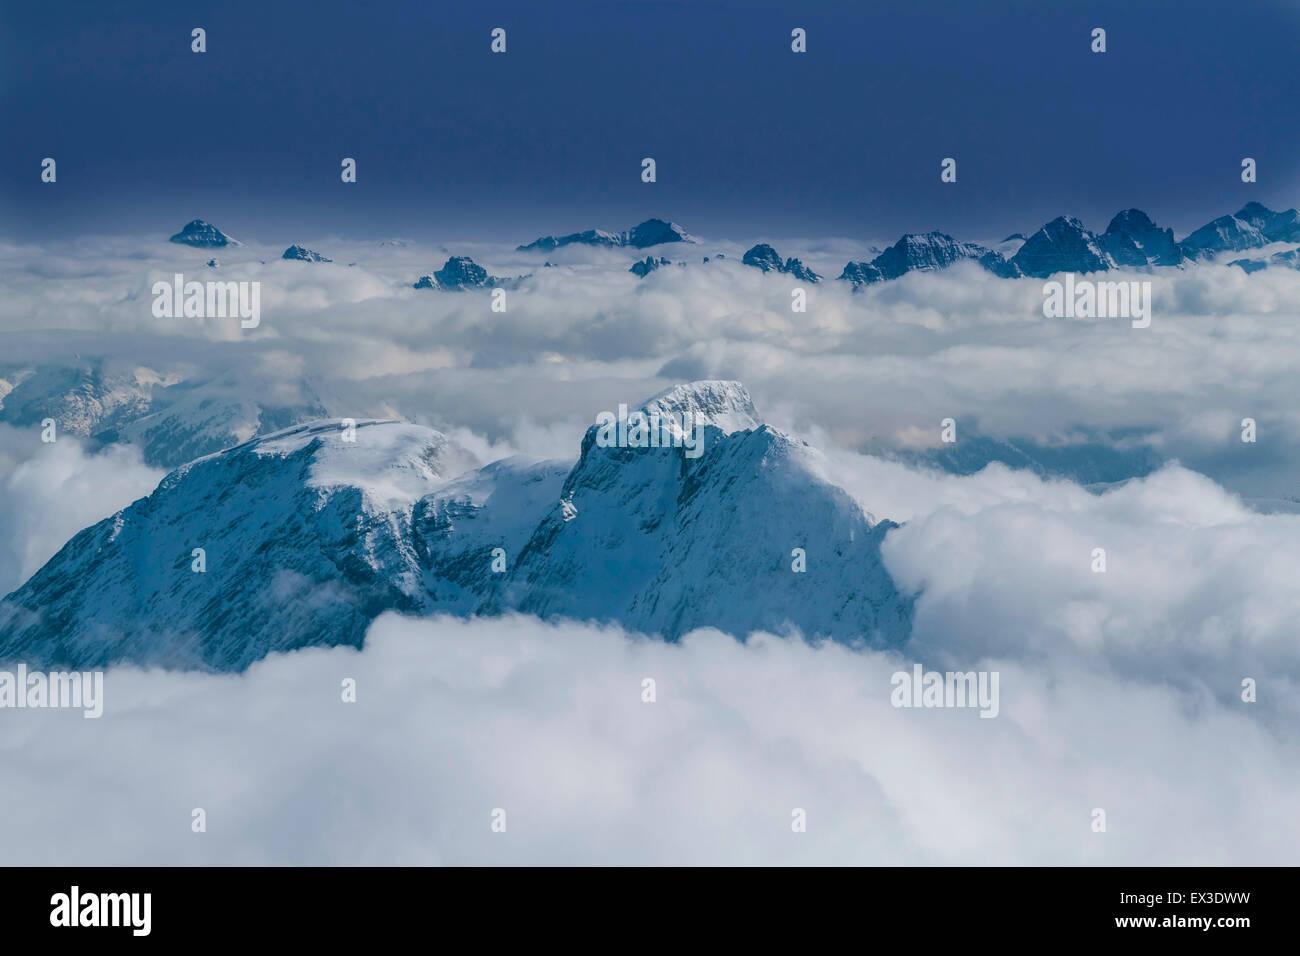 Blick auf die verschneiten Gipfel zur Zugspitze, Wetterstein, Bayern, Deutschland Stockbild